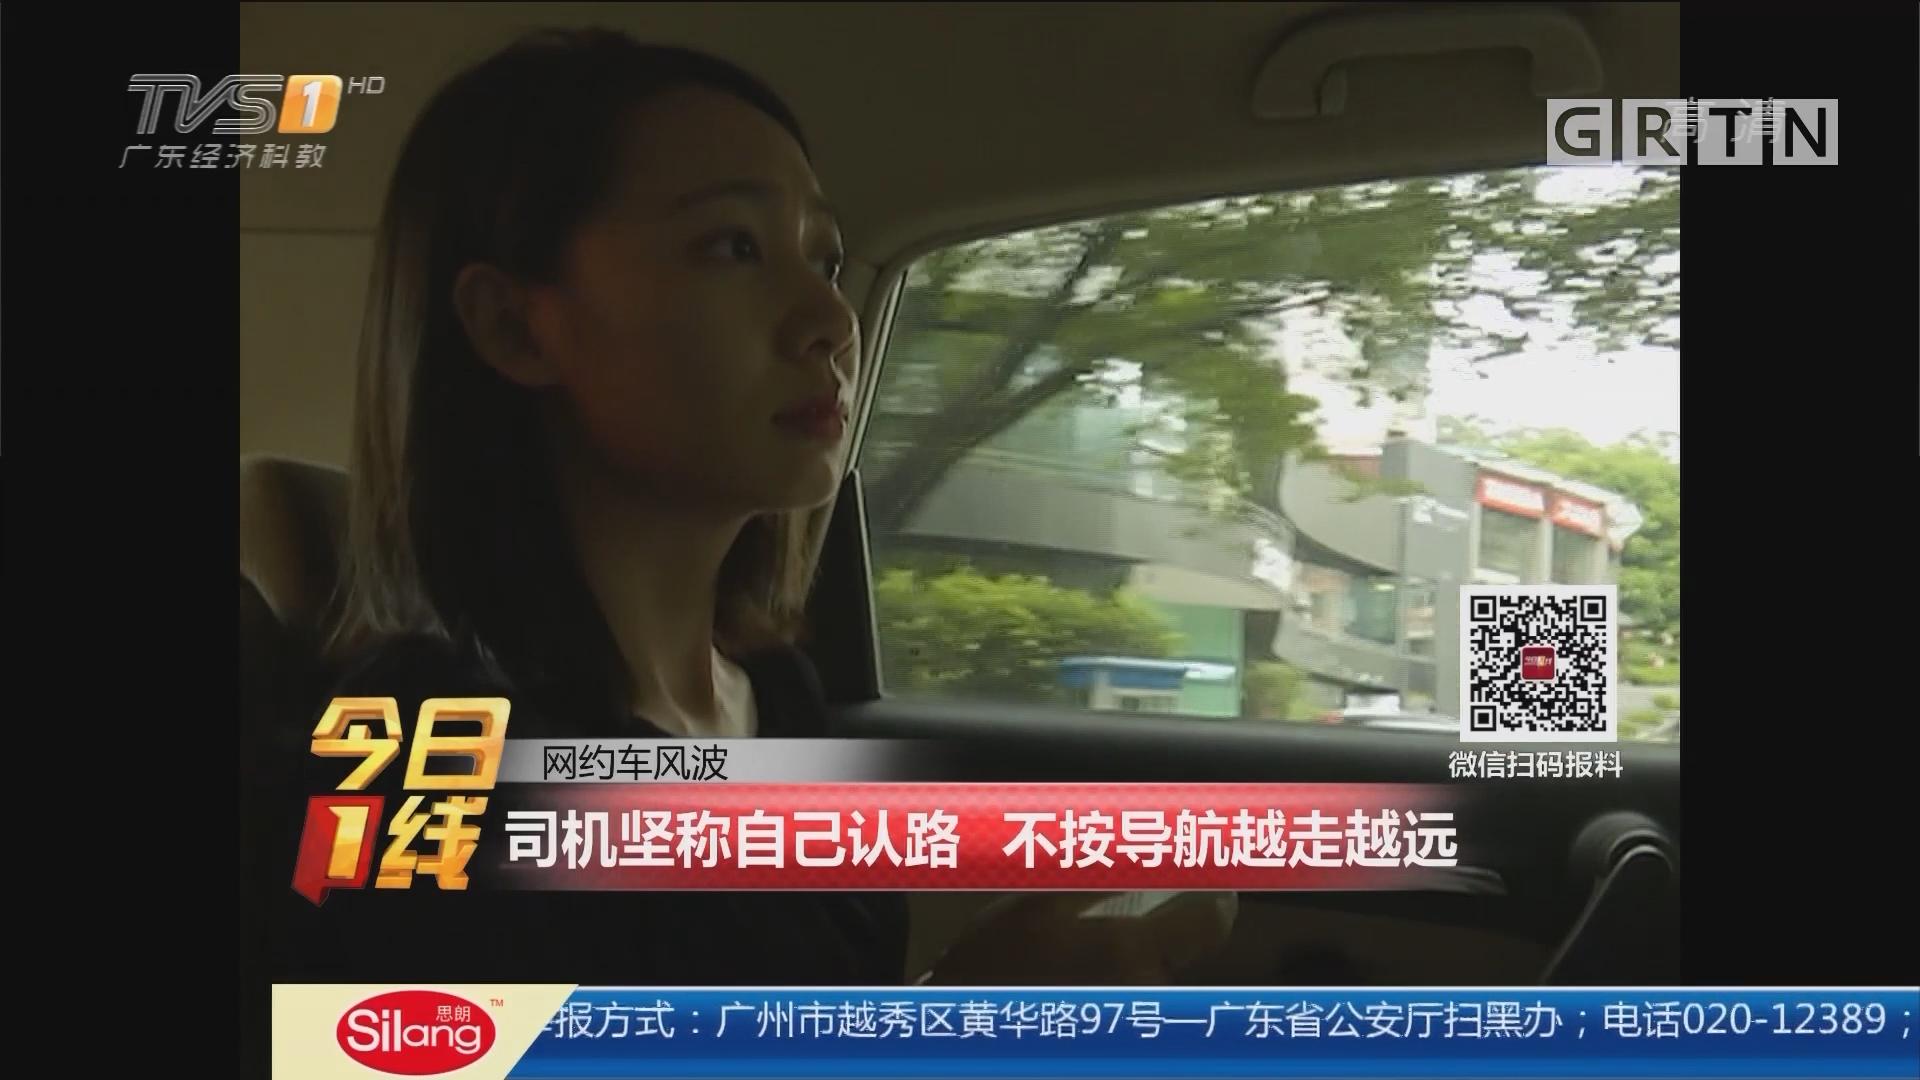 网约车风波:司机绕远路还不让下车 女乘客机智脱险